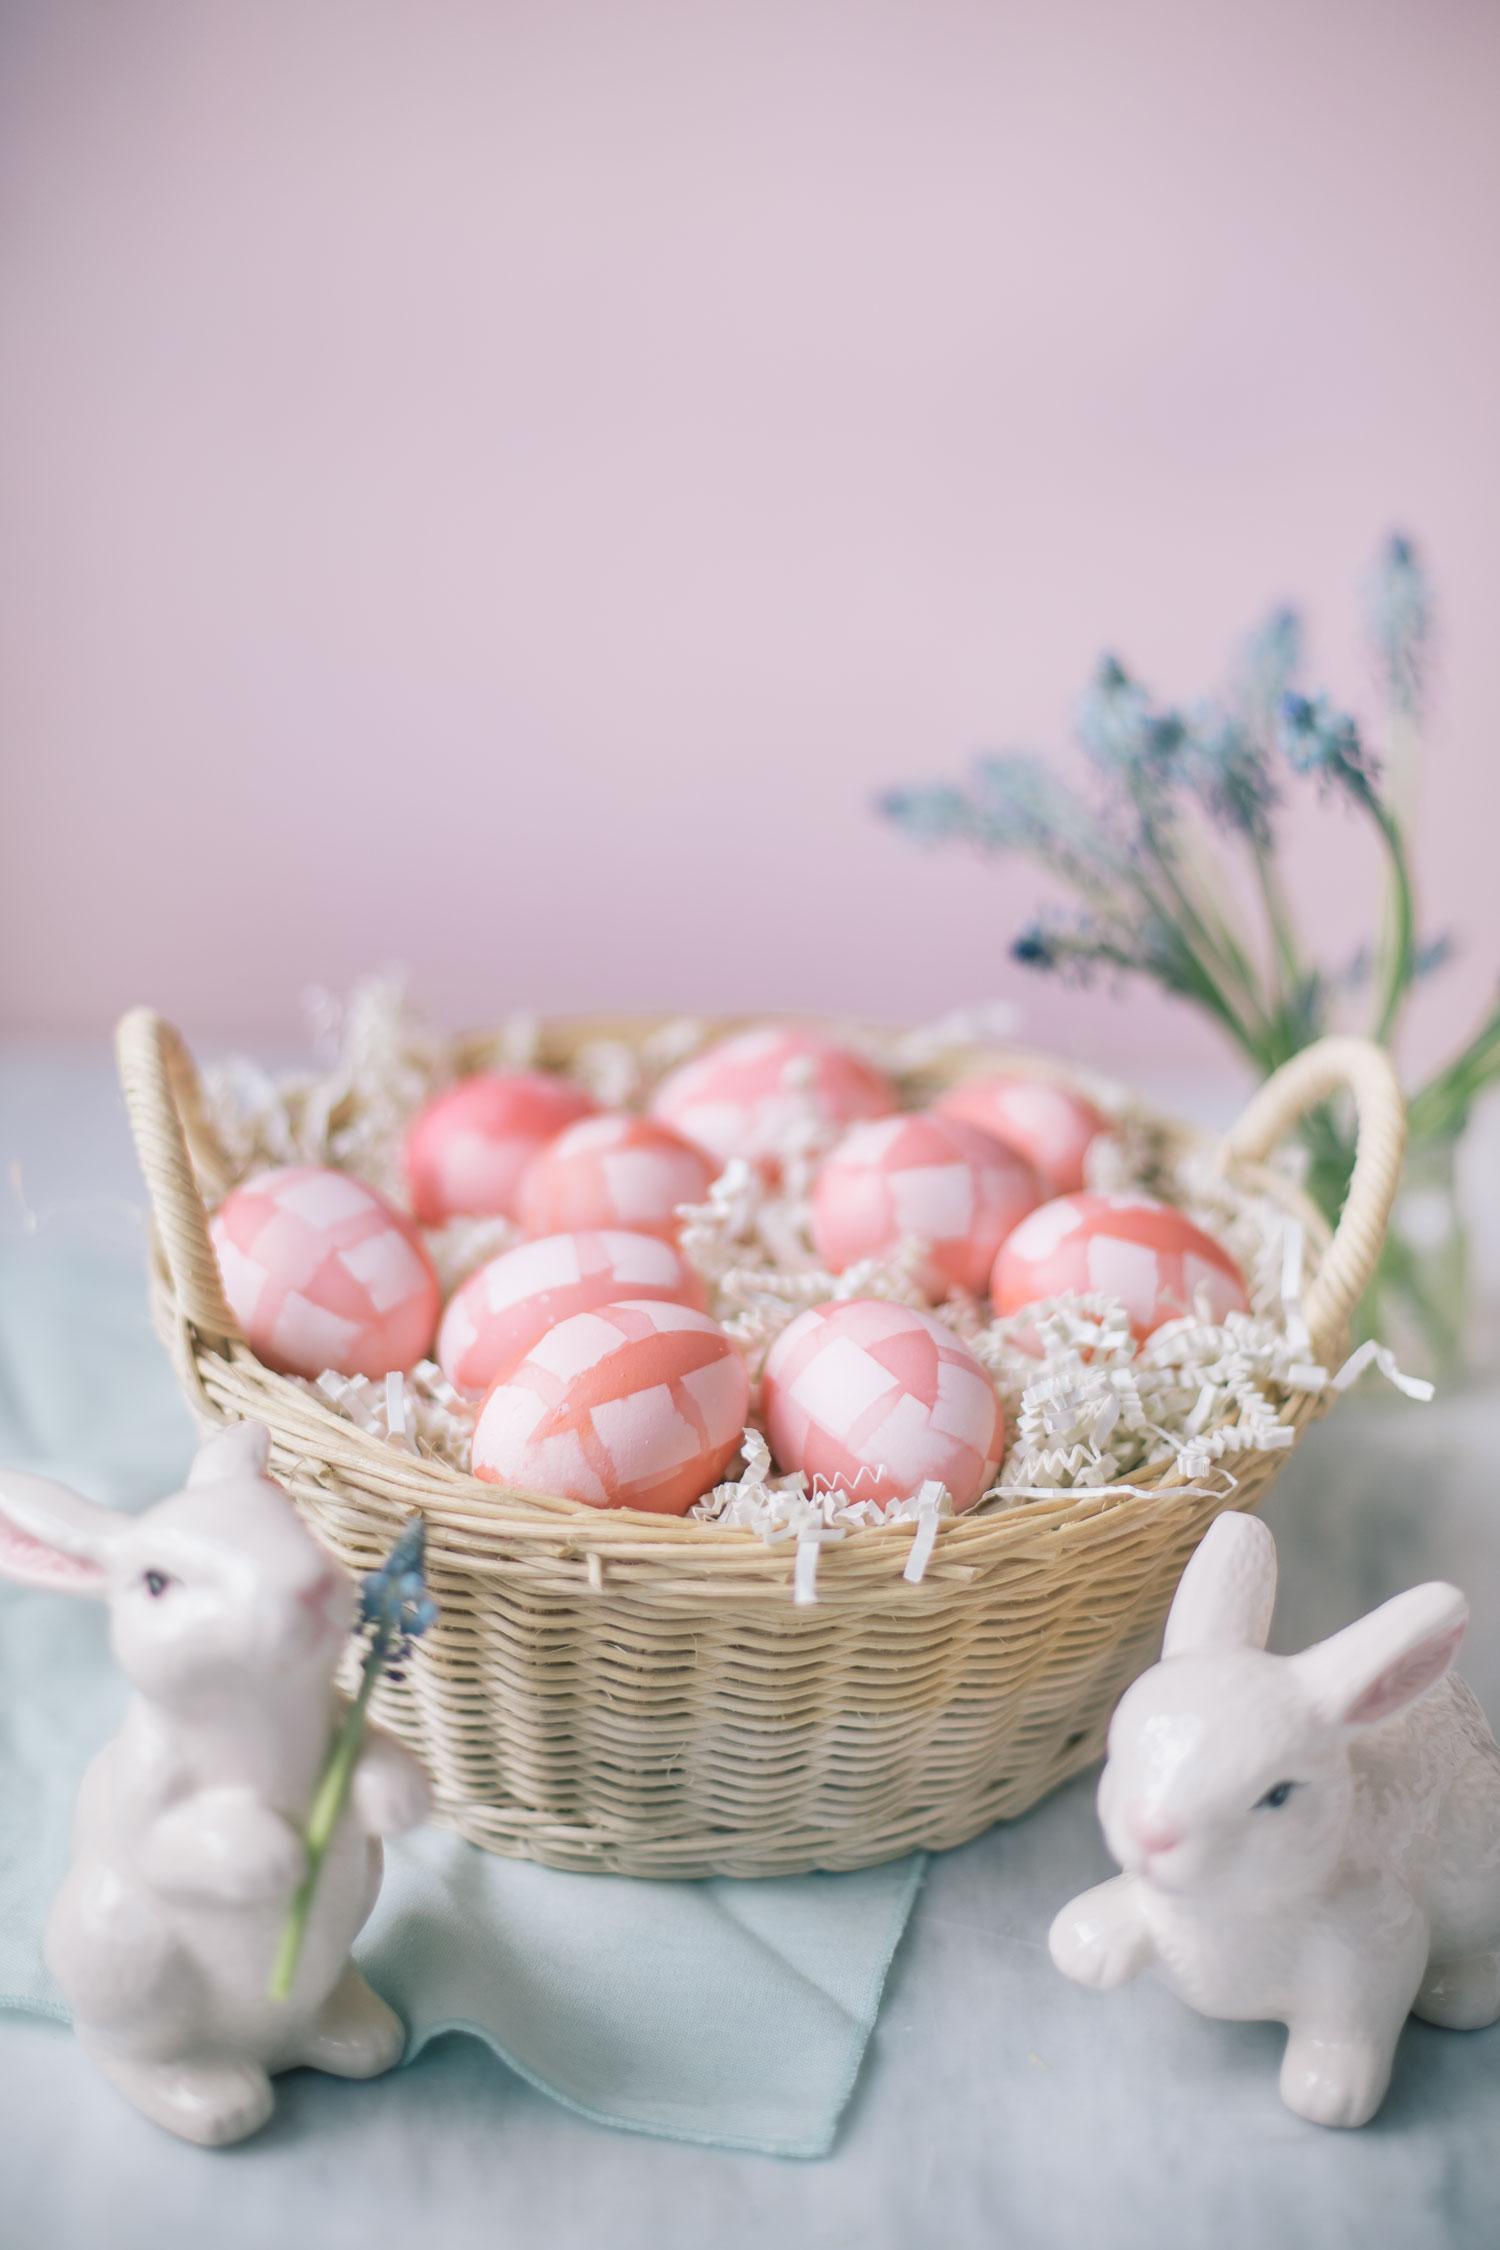 adorables propuestas de huevos de pascua decorados para decorar la casa en Pascua, huevos color naranja